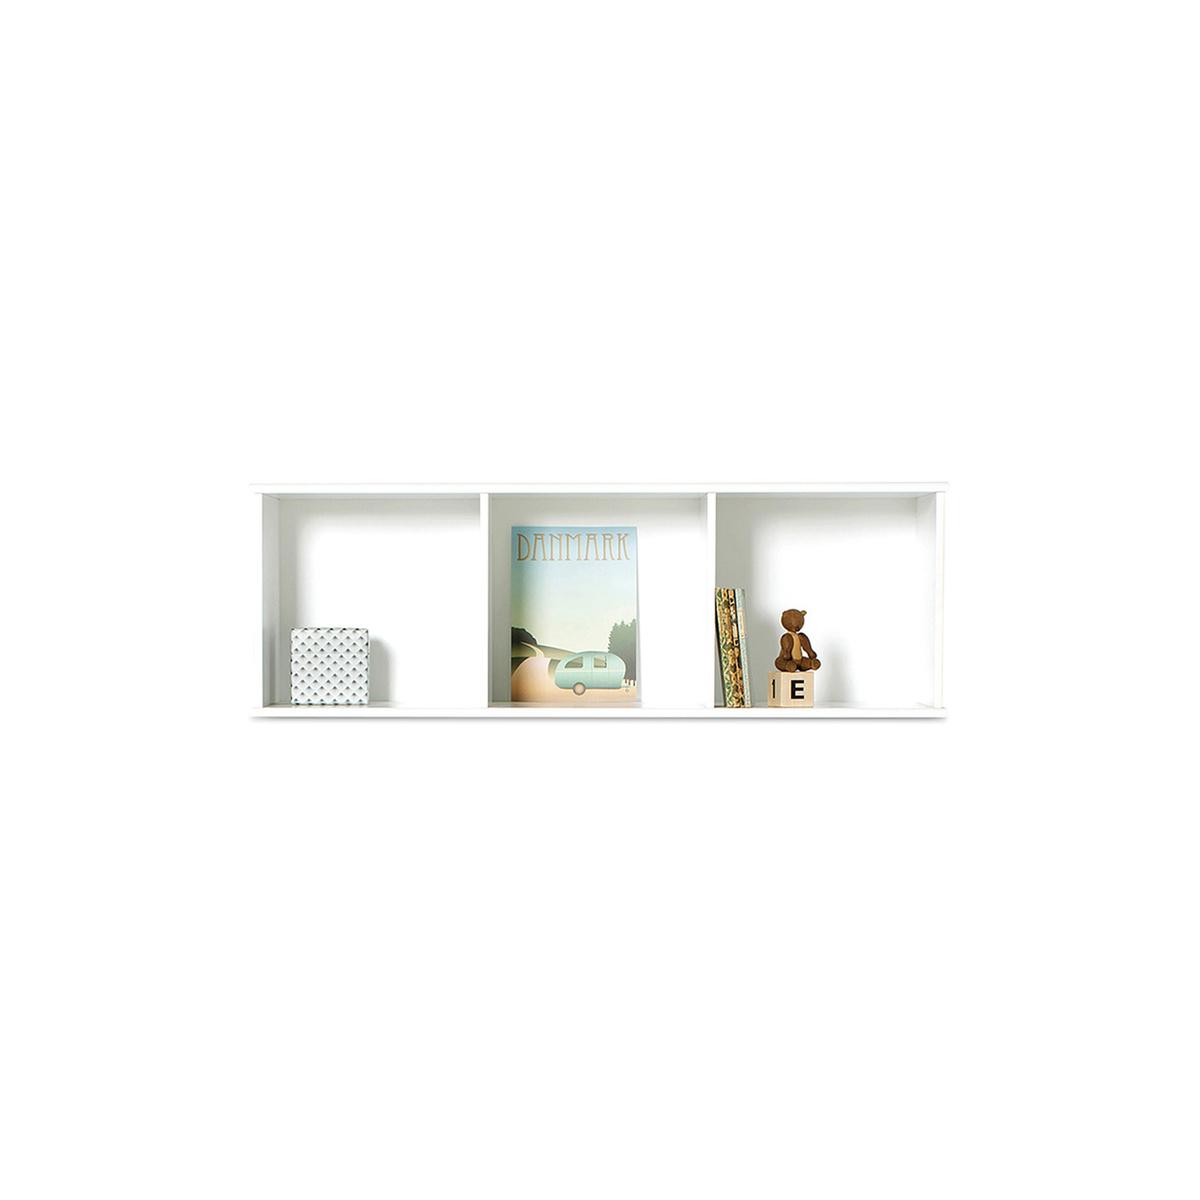 biblioth que horizontale de sol et murale wood 3x1 by. Black Bedroom Furniture Sets. Home Design Ideas